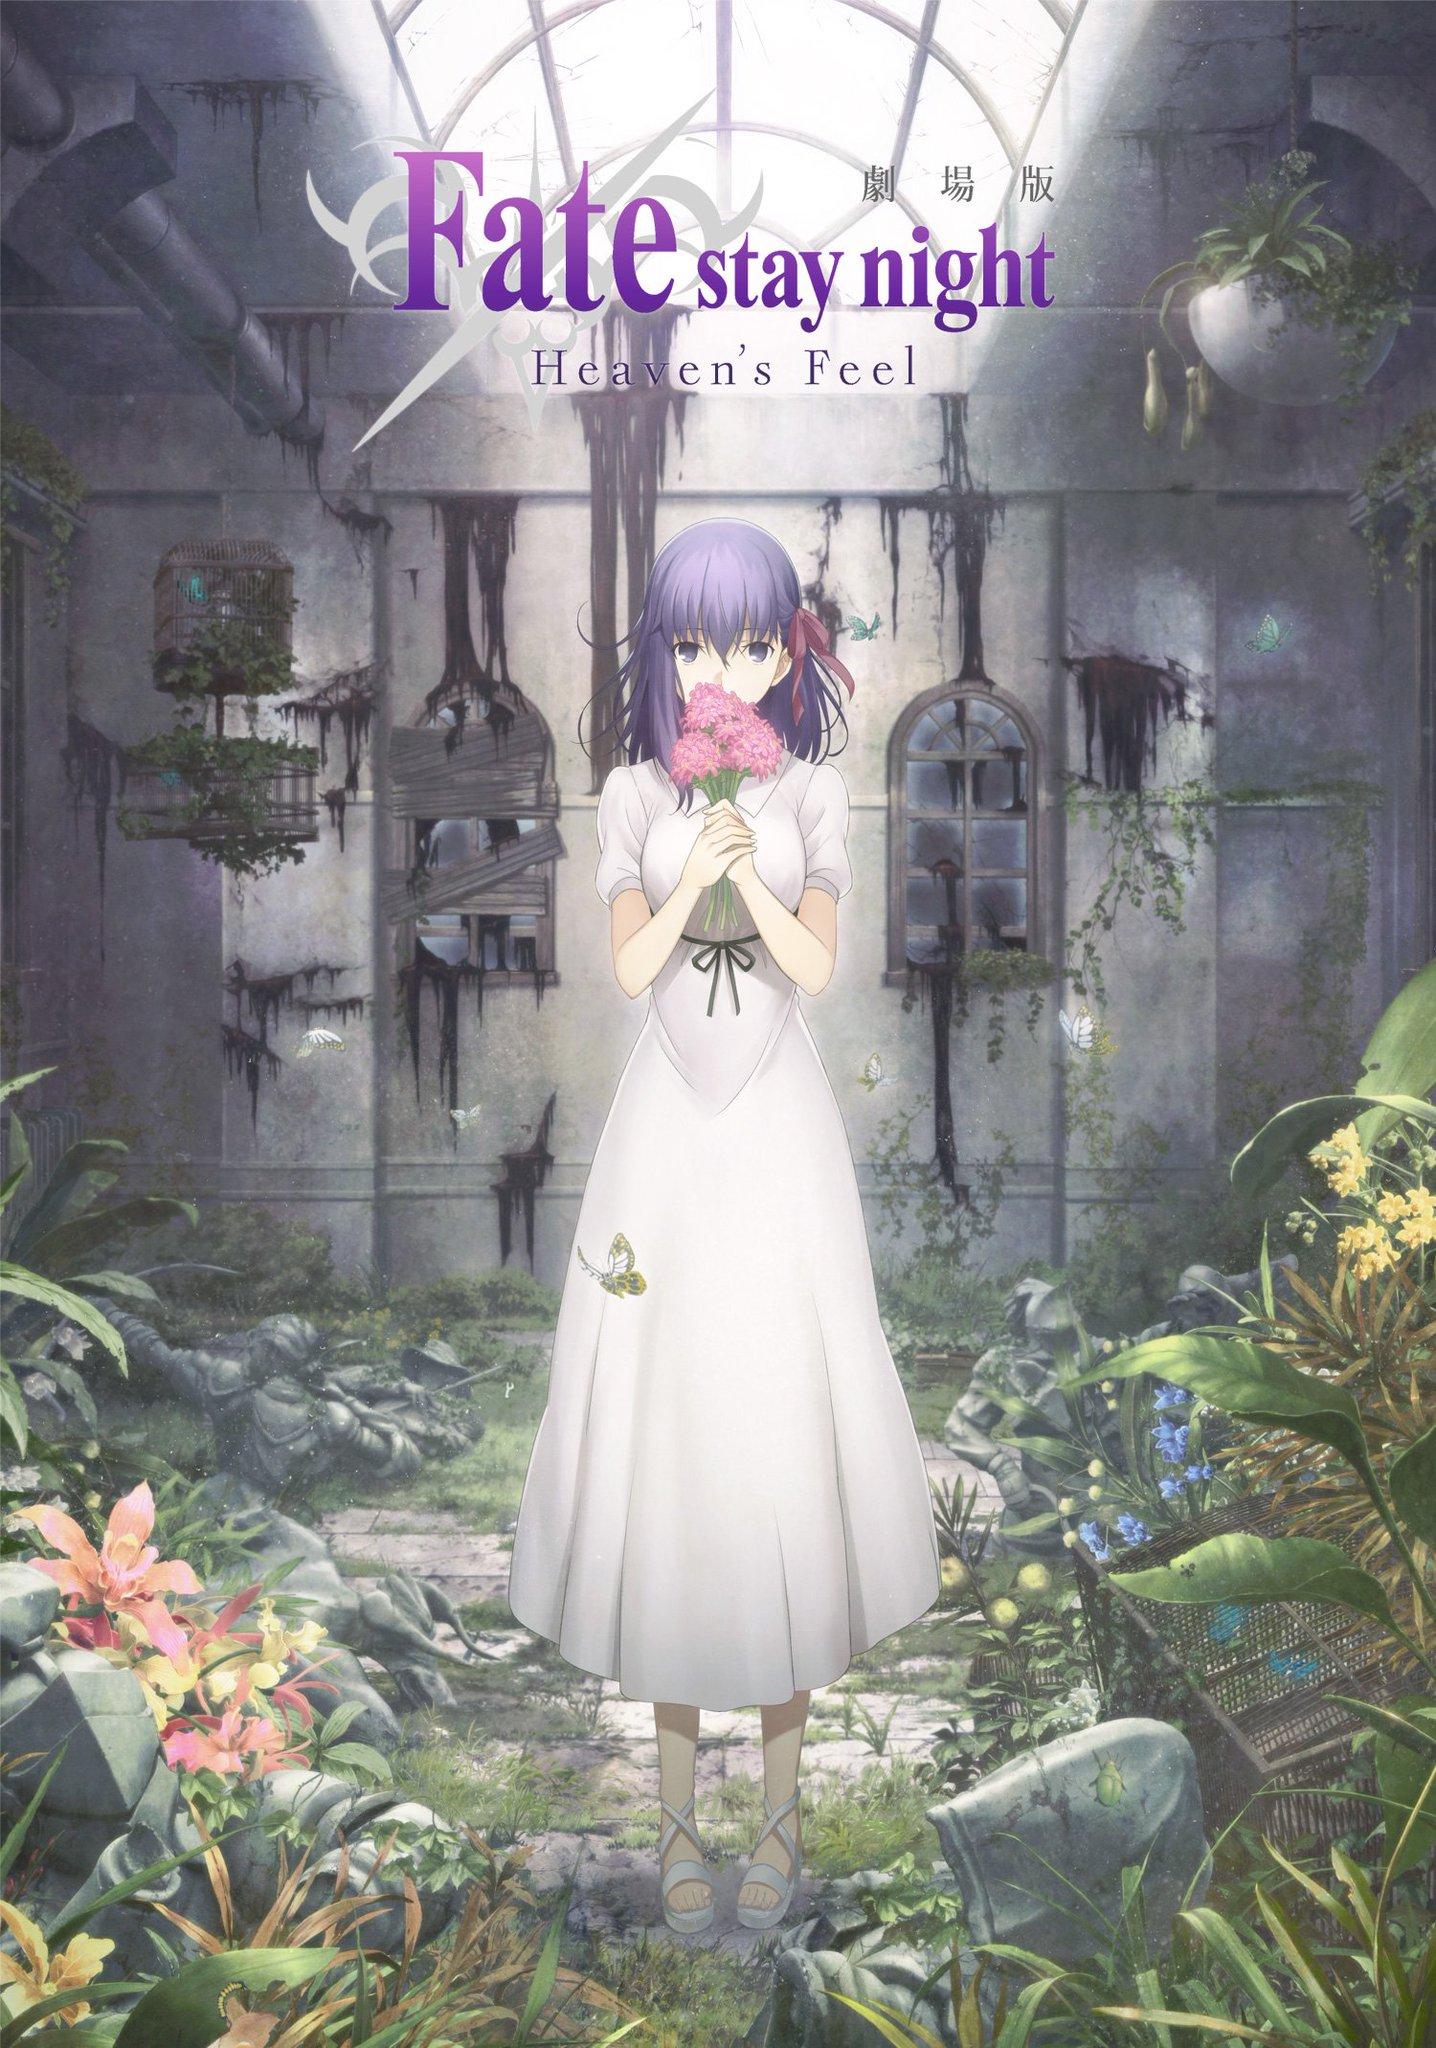 『Fate/Stay night』3人目のヒロイン・間桐桜の魅力まとめ